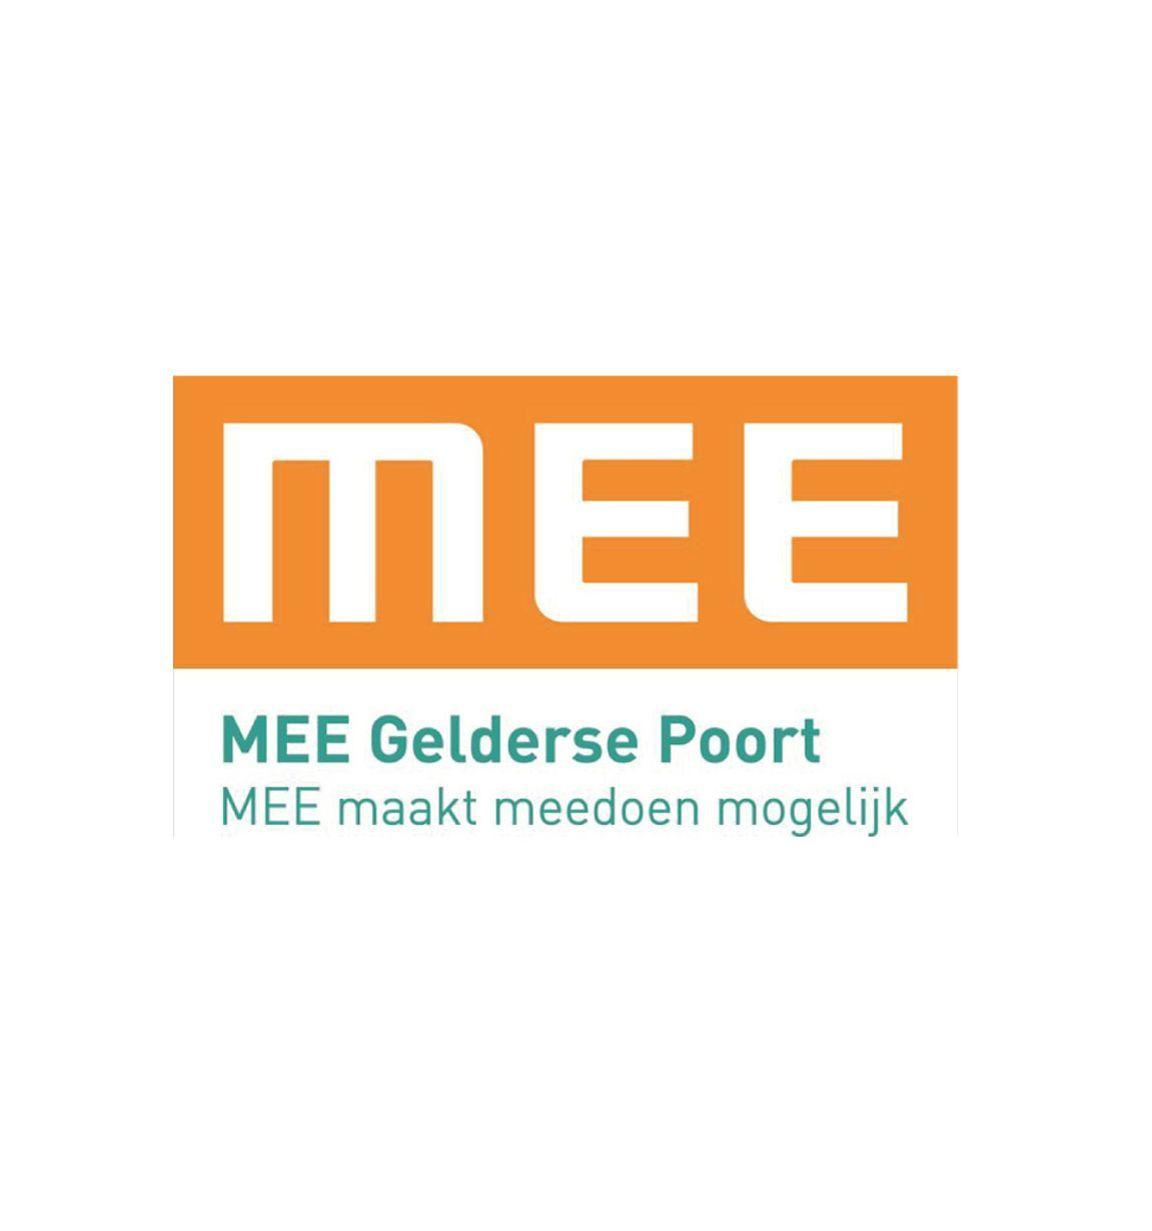 MEE-Gelderse-Poort